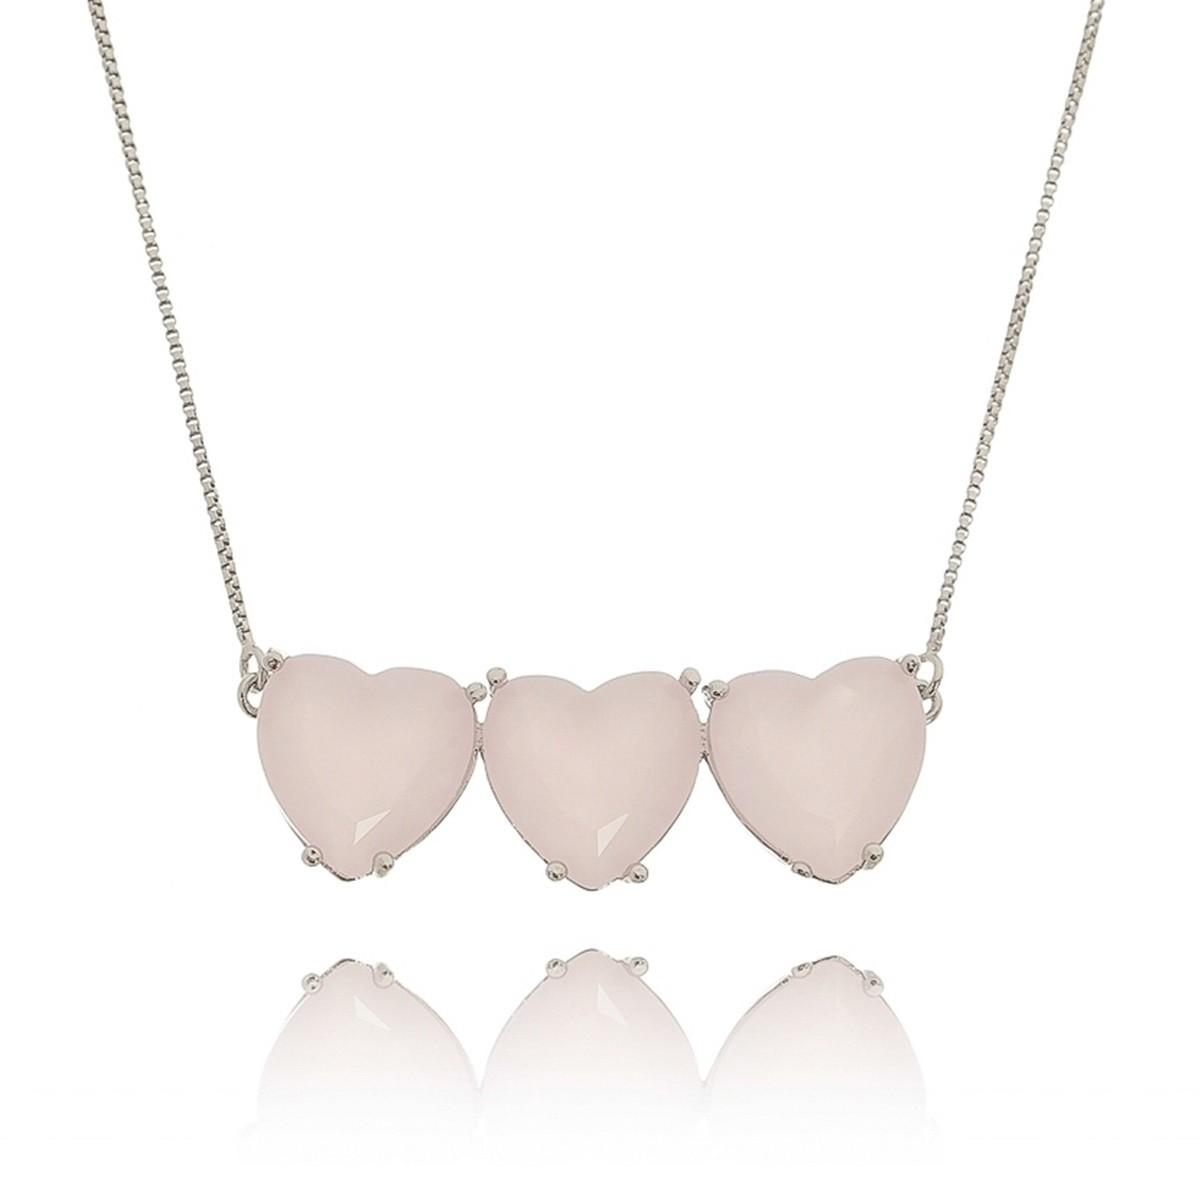 Colar Corações Quartzo Rosa Leitoso Semijoia em Ródio Branco  - Soloyou